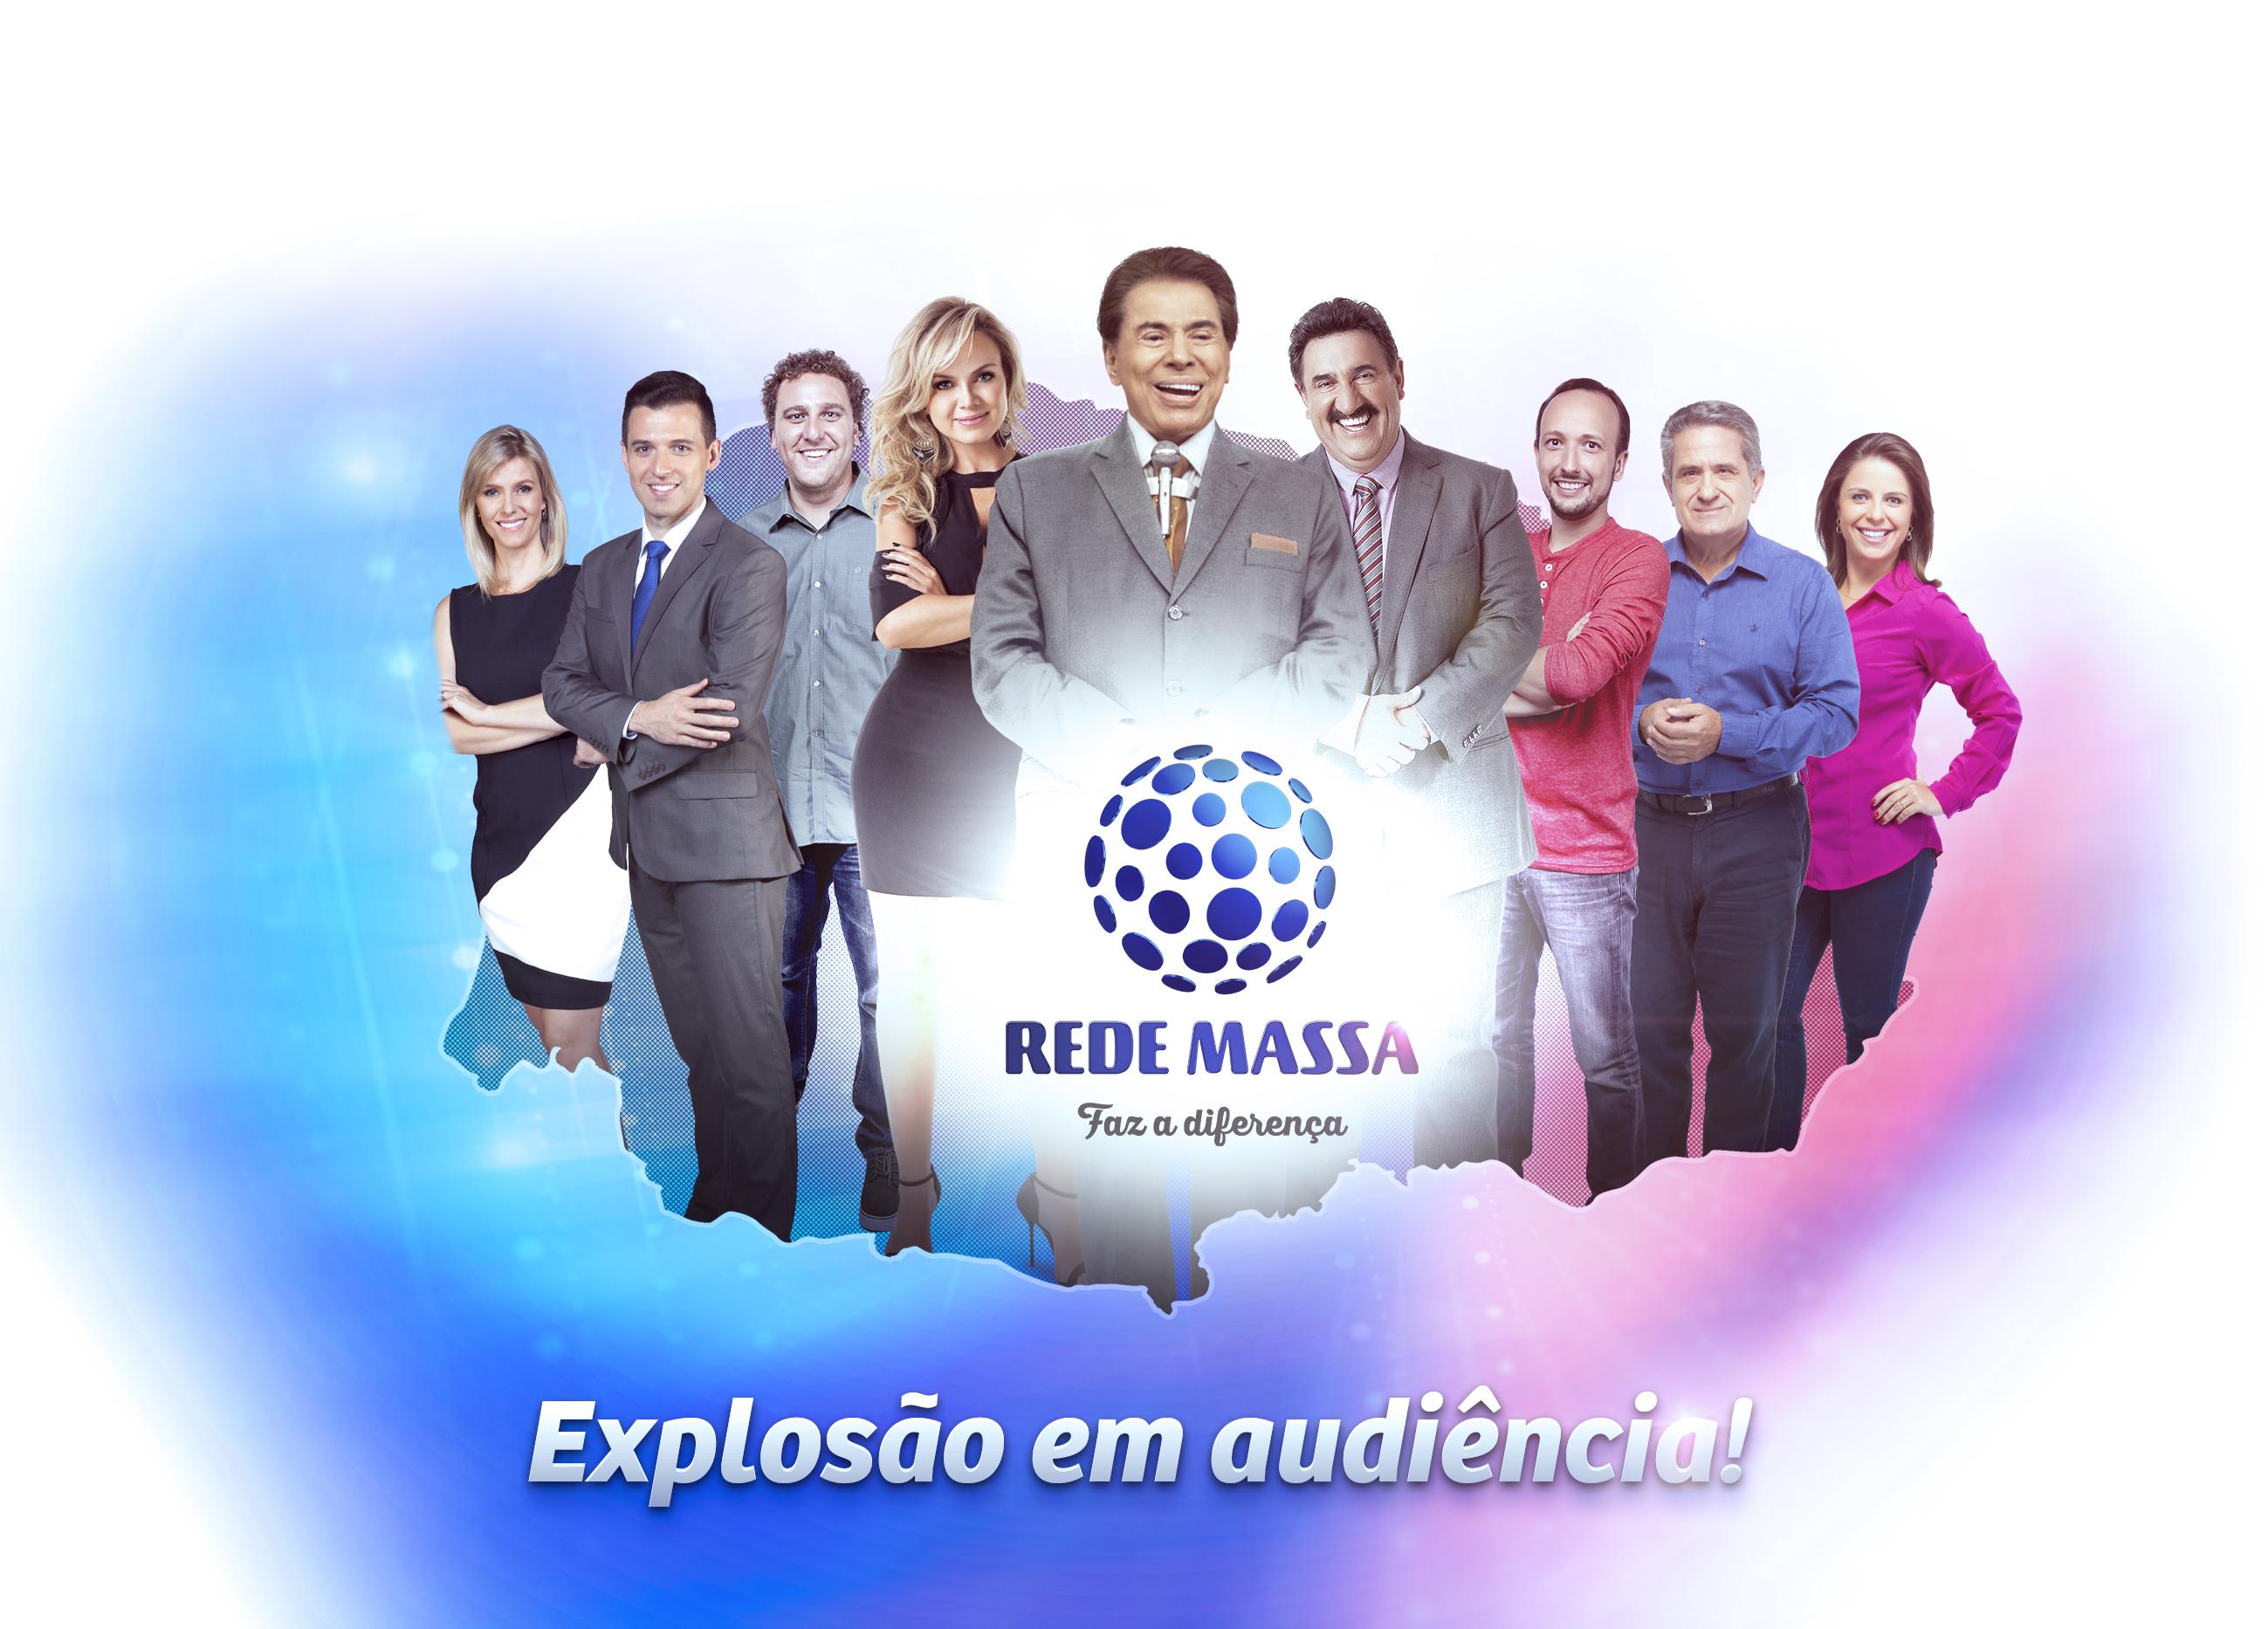 Rede Massa afiliada do SBT no Paraná